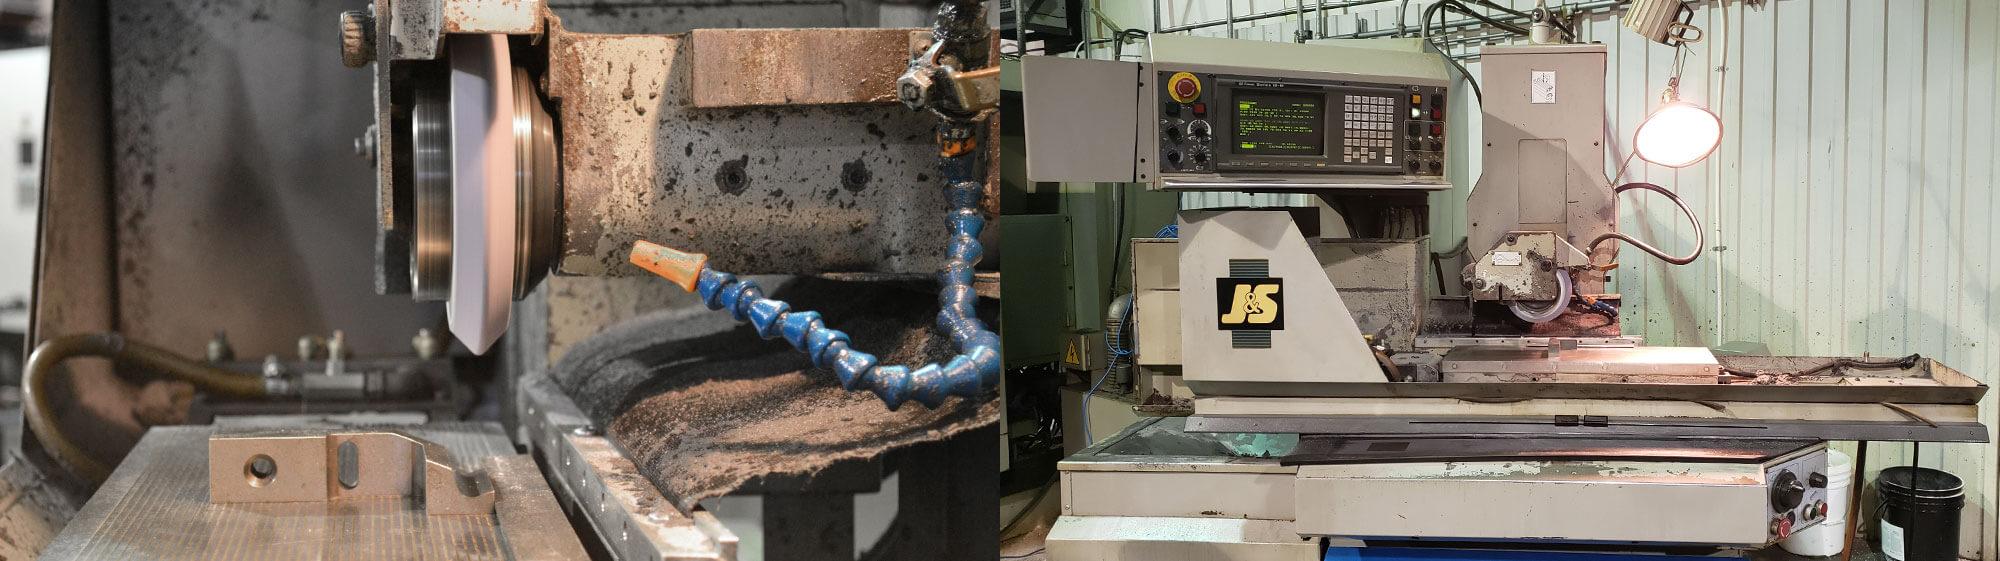 Surface Grinder CNC